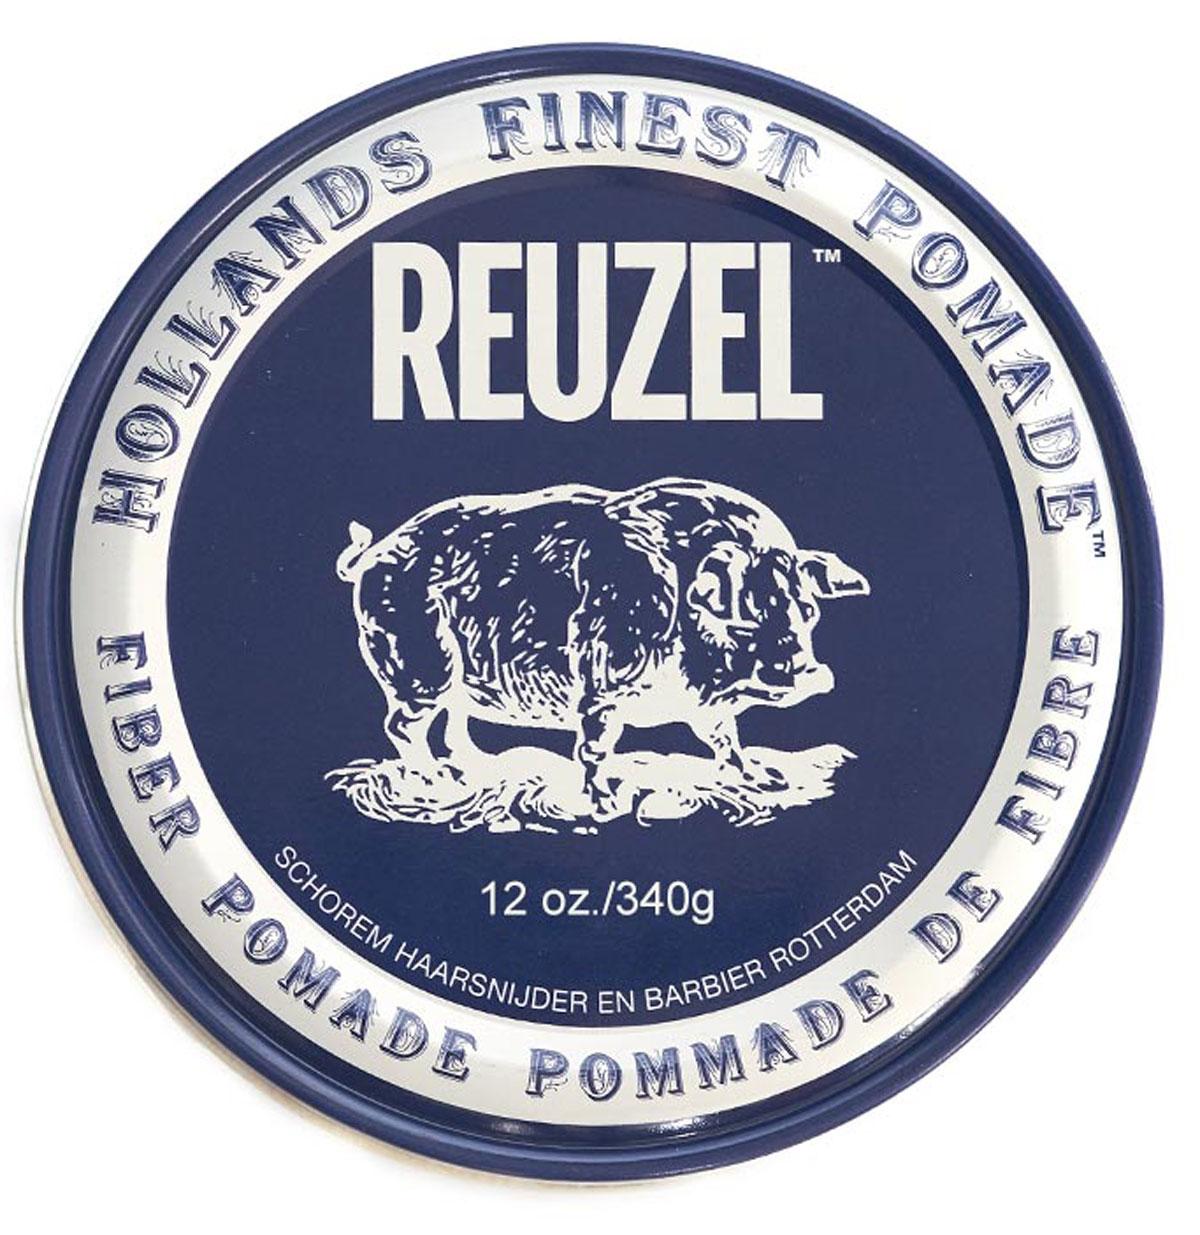 Reuzel паста для укладки волос, темно-синяя банка 340 грL715233Fiber Pomade – это помада в темно-синей банке на водной основе. Создает текстурированную укладку, которая долго продержится, но при этом является подвижной. Низкая степень блеска и средняя фиксация. Помада лучше всего работает на коротких волосах, также отлично походит для плотных волос средней длины. Fiber Pomade поможет создать стиль легкой небрежности, будто вы только встали с кровати, но уже готовы покорять этот мир.